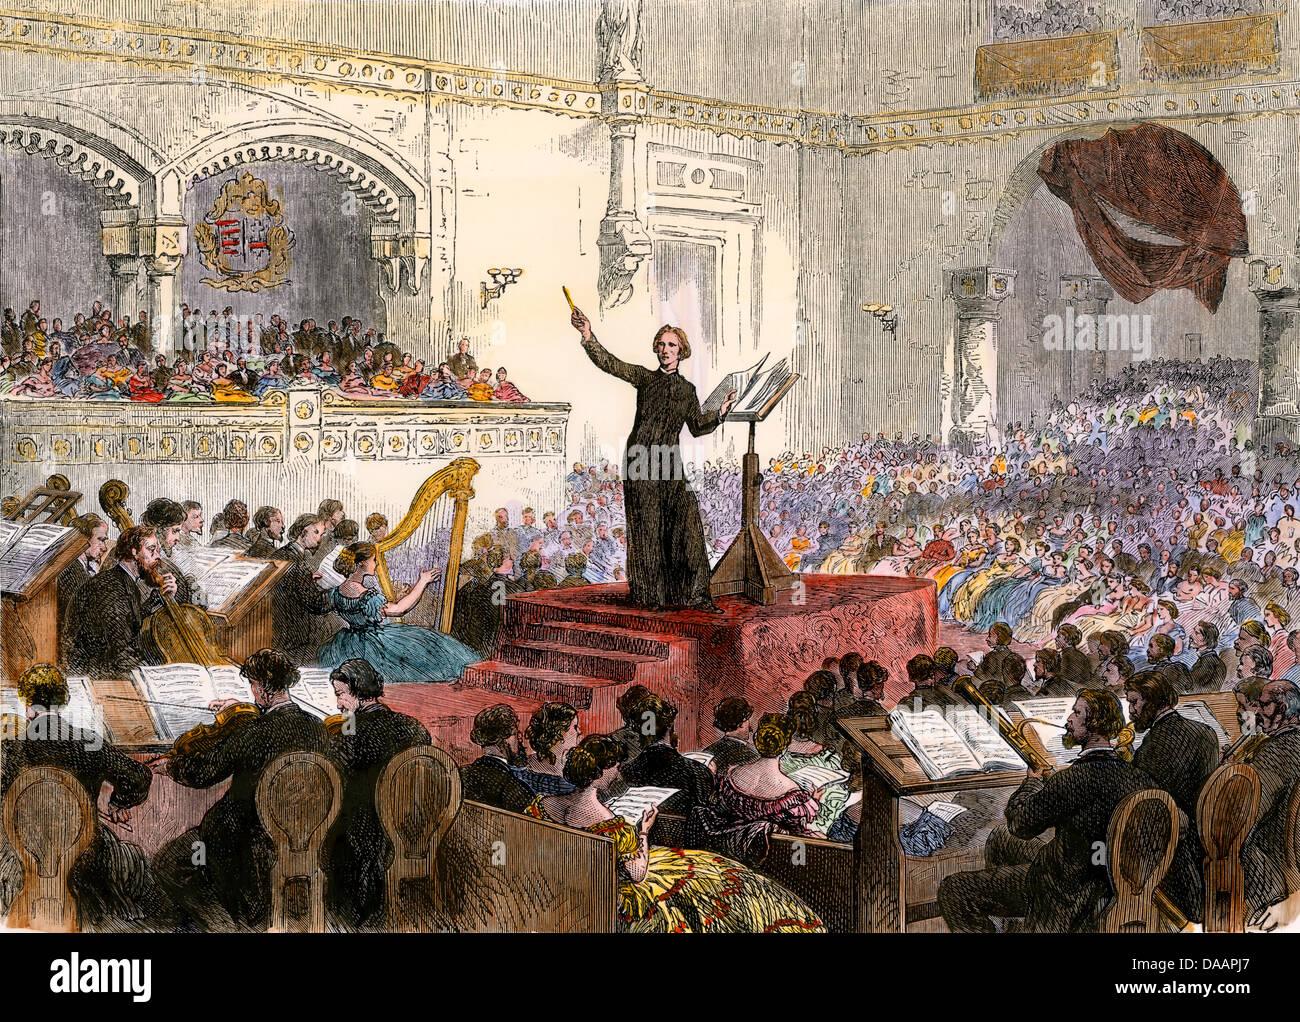 Franzi Liszt realizando su nuevo oratorio en Budapest, Hungría, 1860. Imagen De Stock